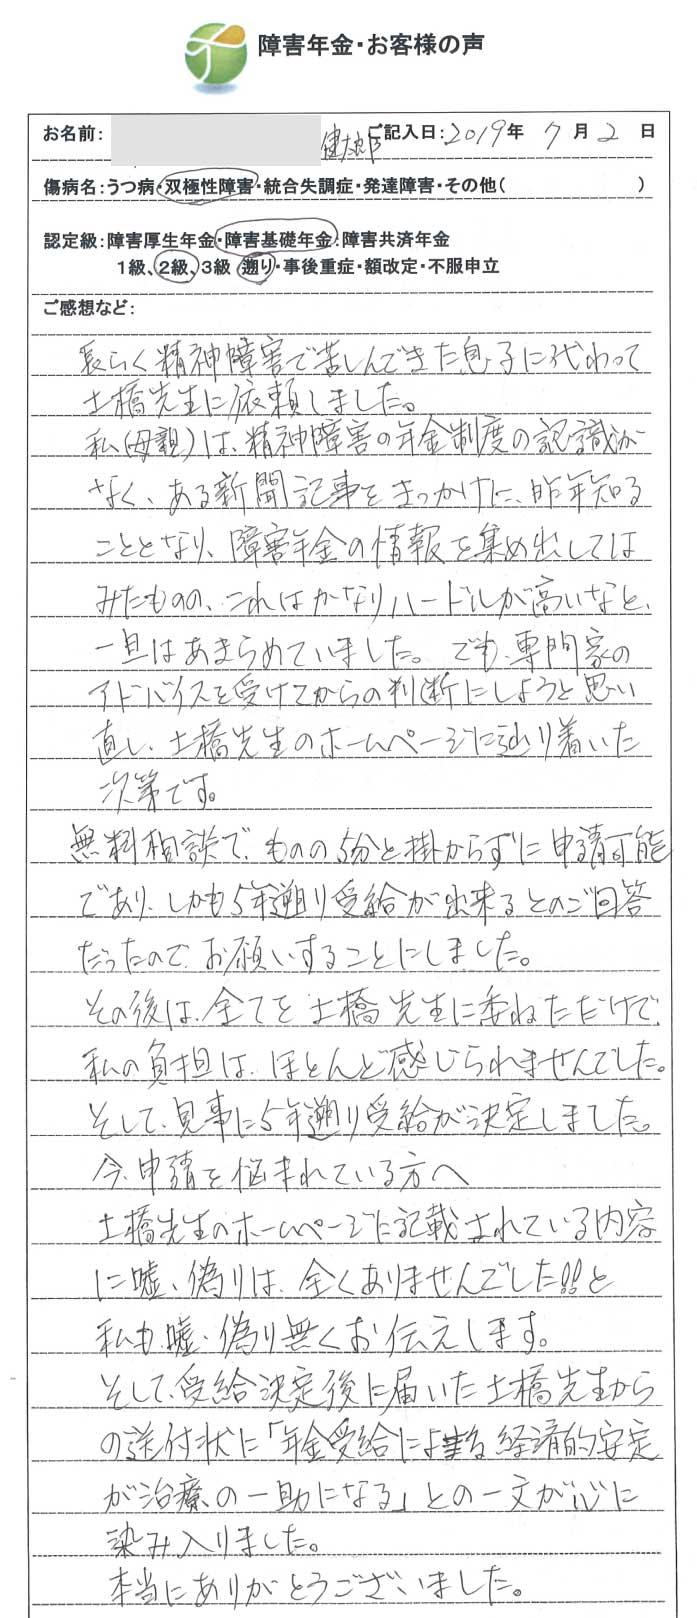 健太郎様のご依頼から申請までの経過